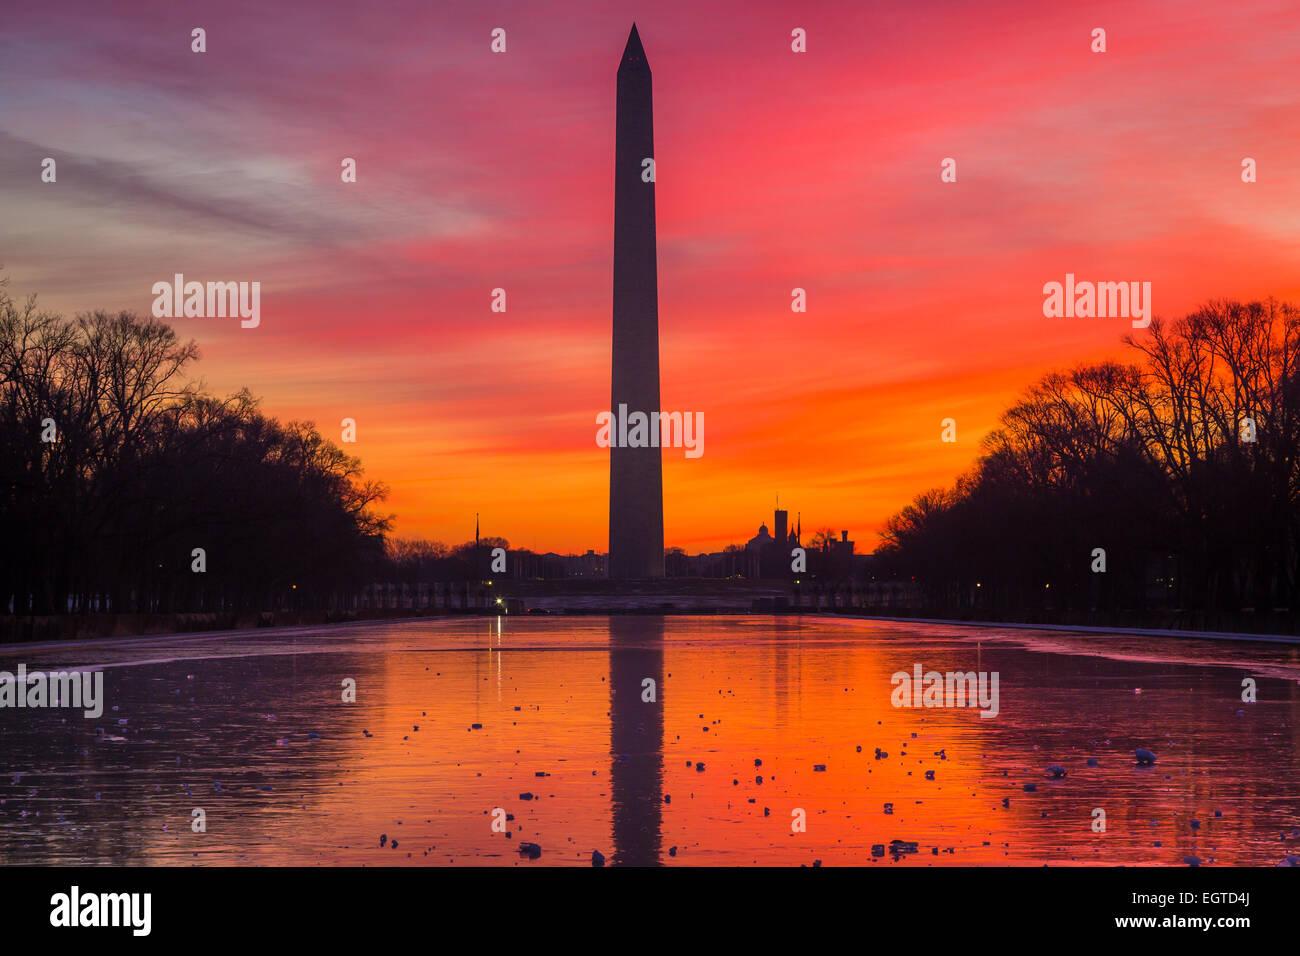 El Monumento a Washington es un obelisco cerca del extremo oeste del National Mall en Washington, D.C. Imagen De Stock